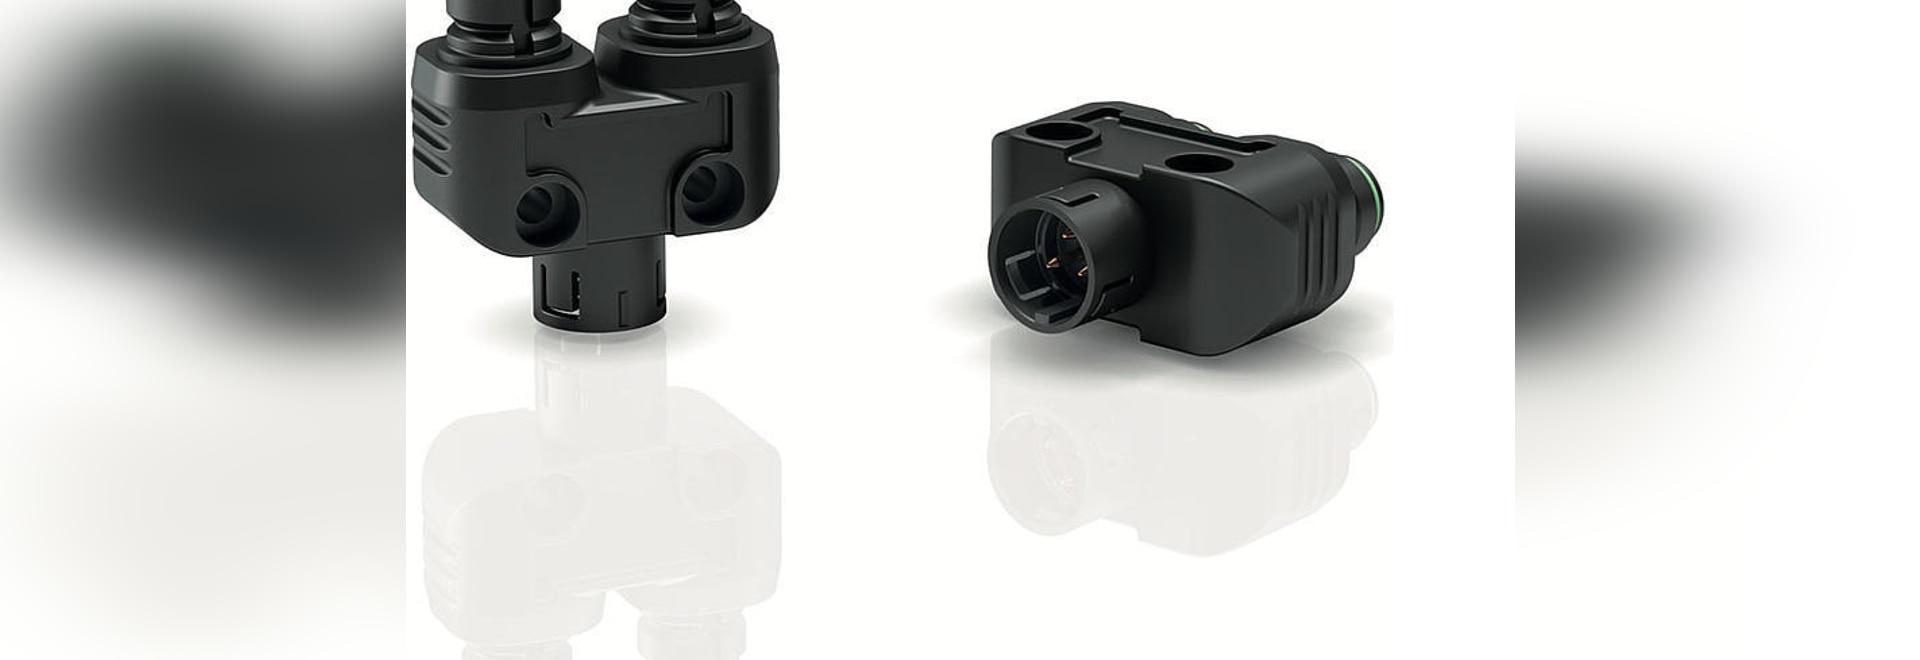 Binder USA annonce un distributeur double encliquetable IP67 pour les connecteurs circulaires miniatures de la série 720